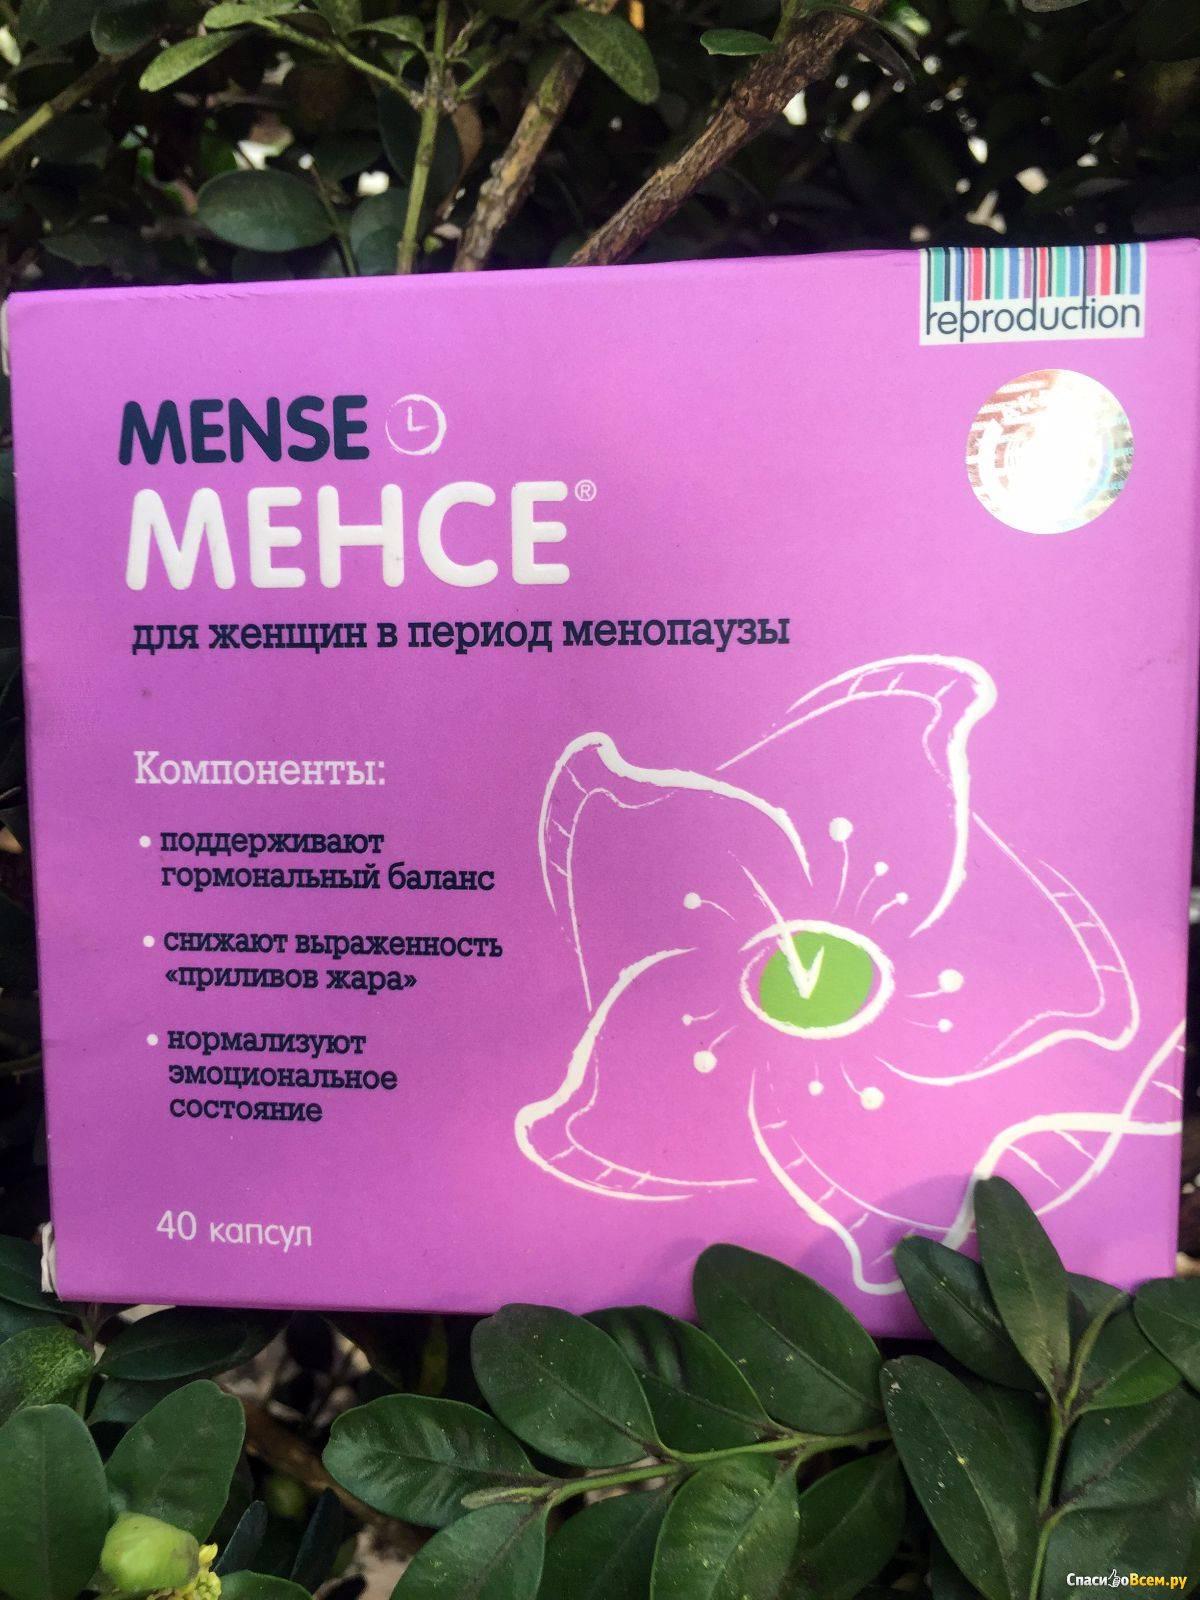 Лекарства от климакса для женщин негормональные, на травах. эстровэл, ременс, климадинон, отзывы